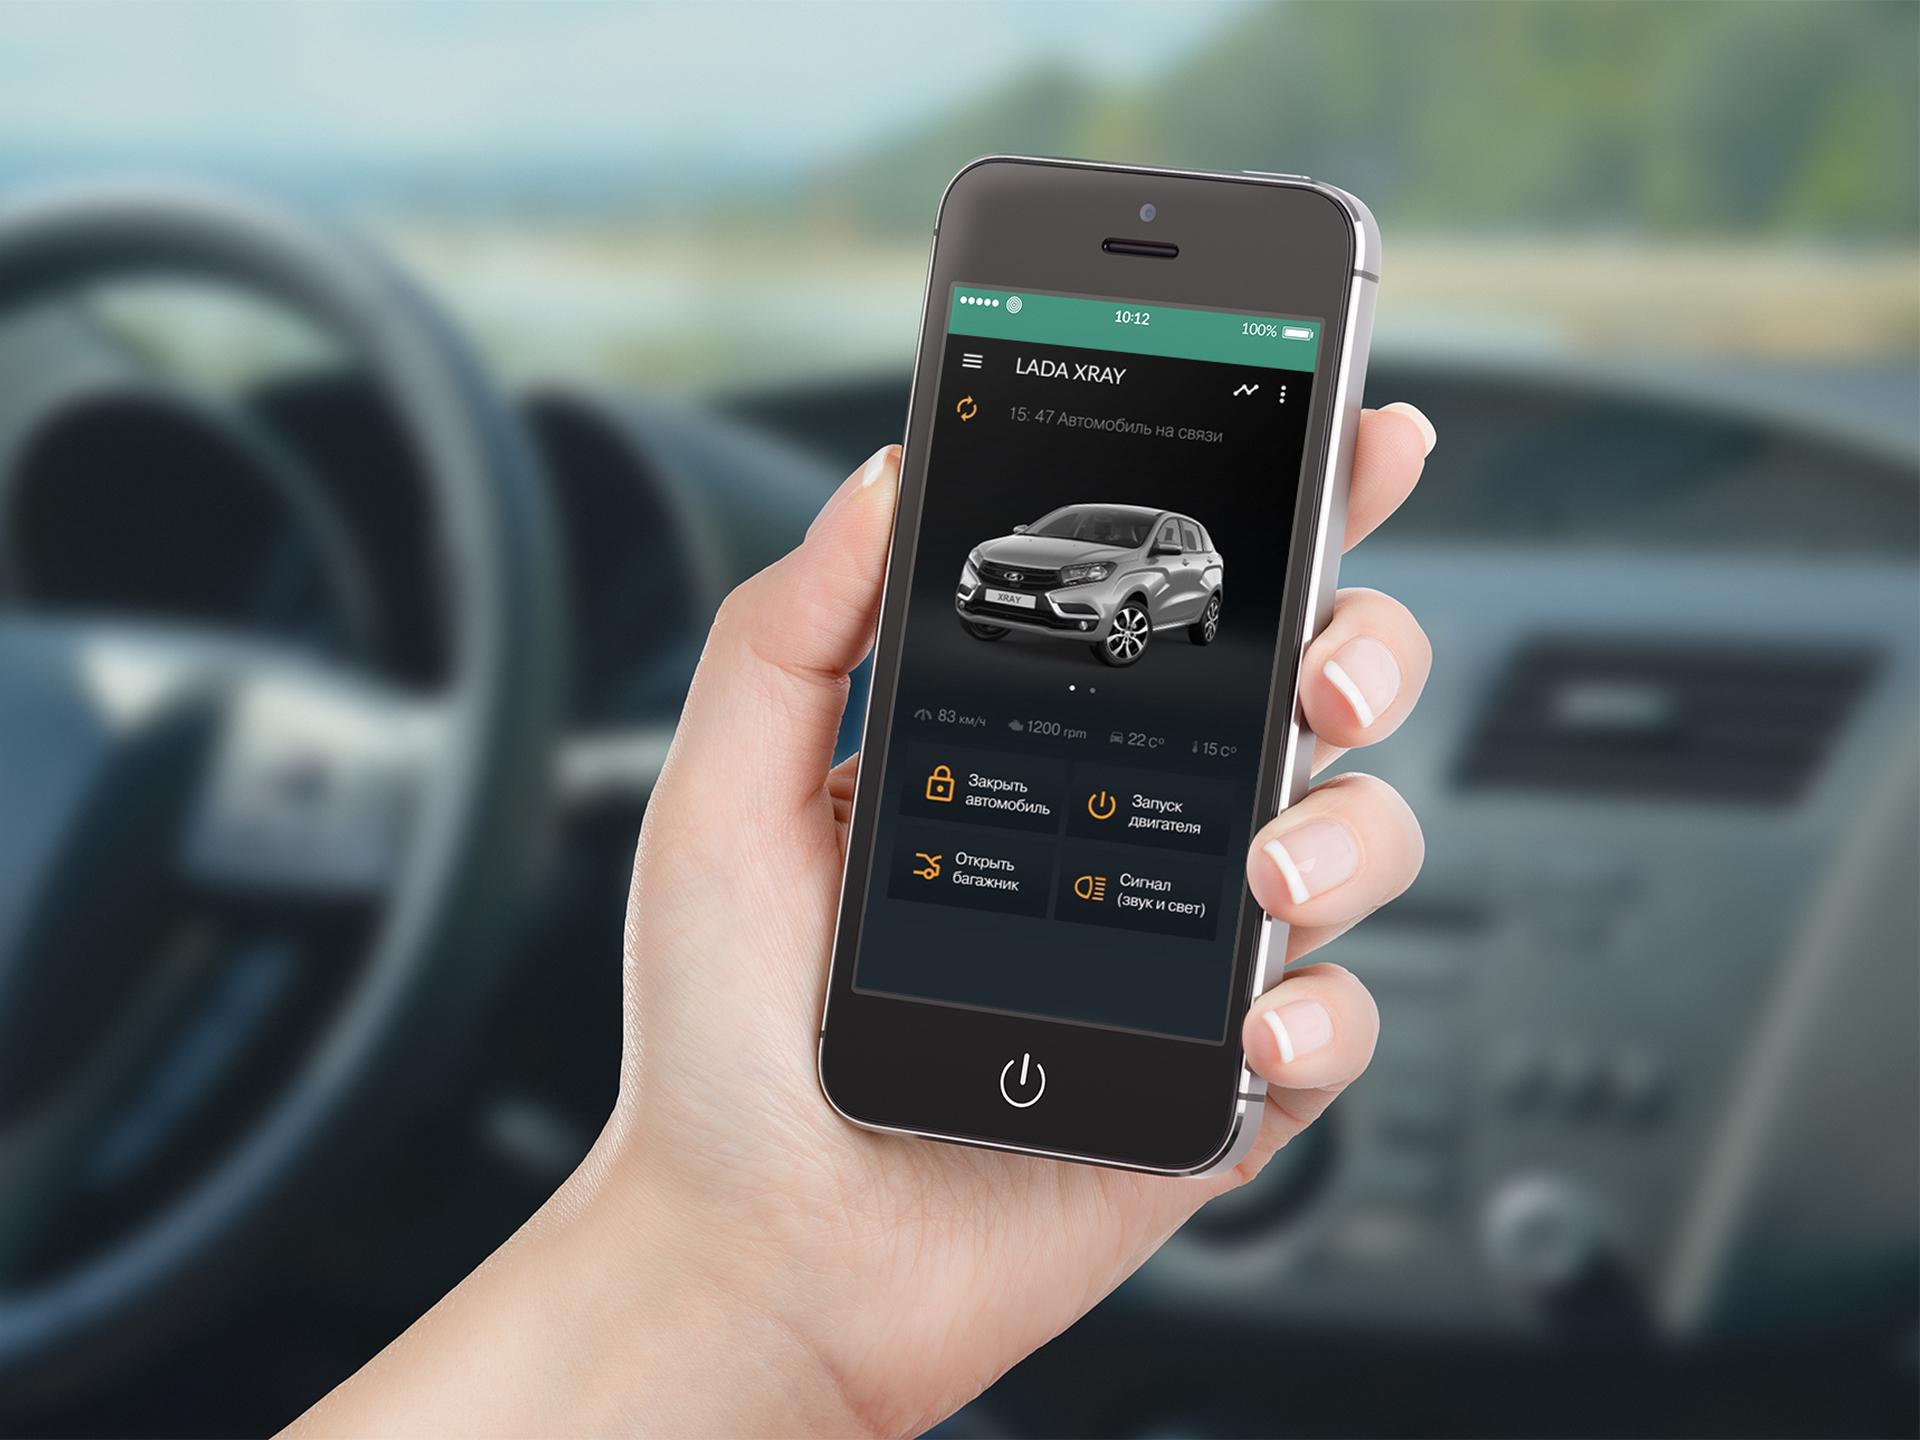 Автомобилями ВАЗ теперь можно управлять со смартфона изоражения